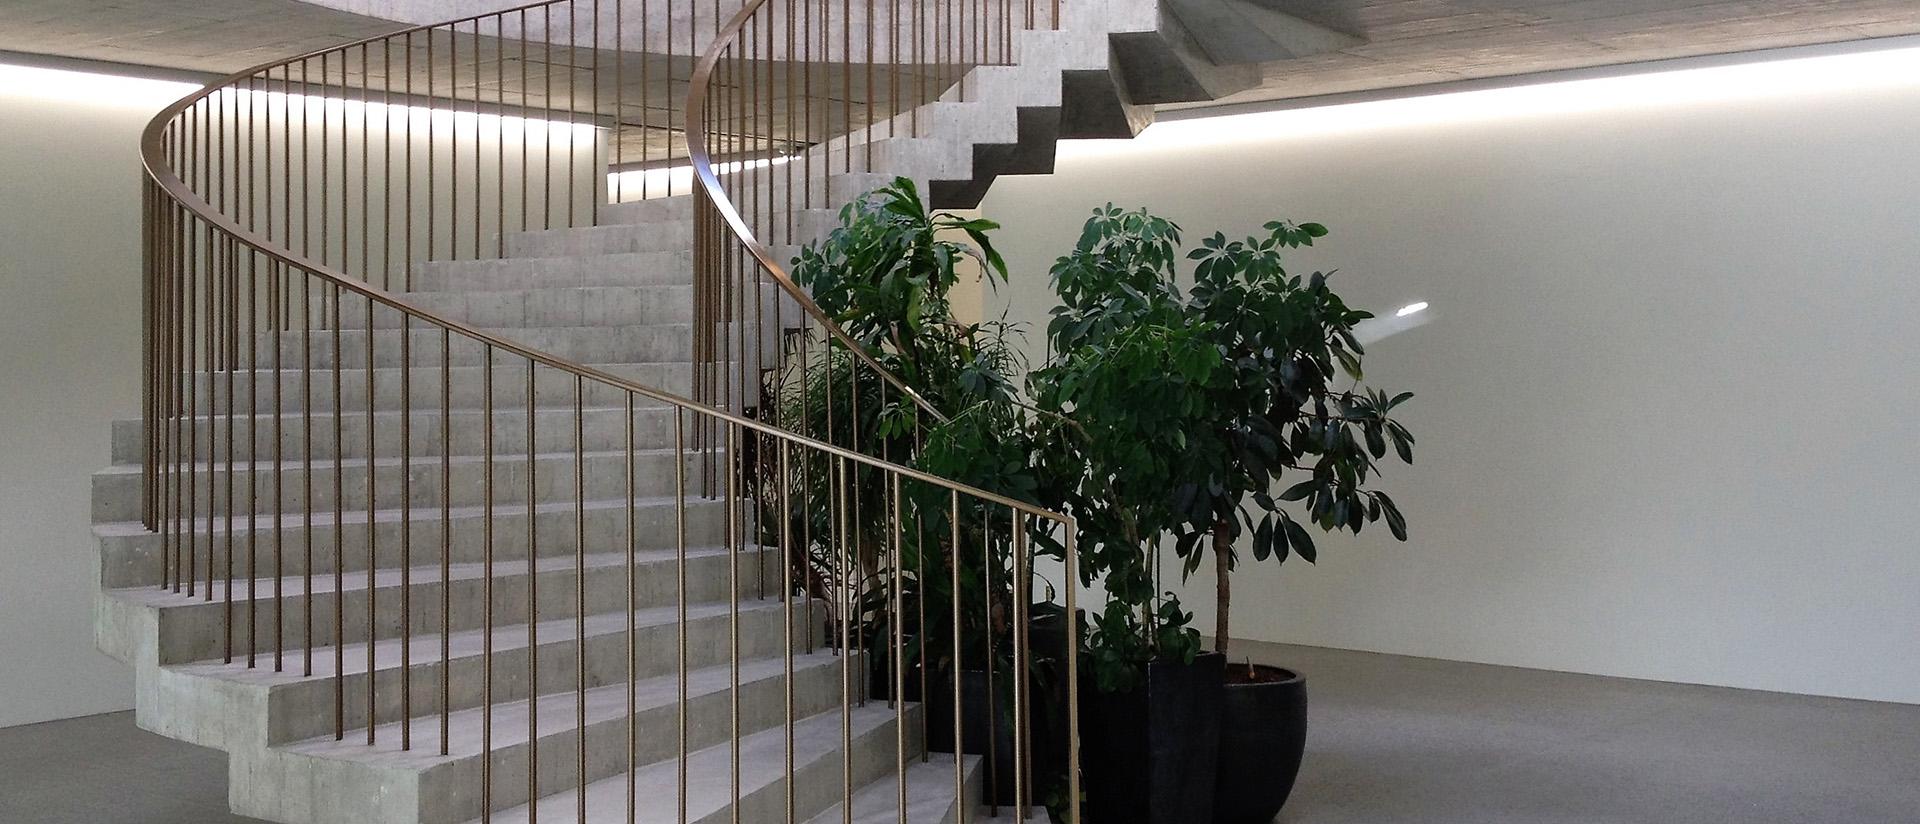 Barrières et escaliers